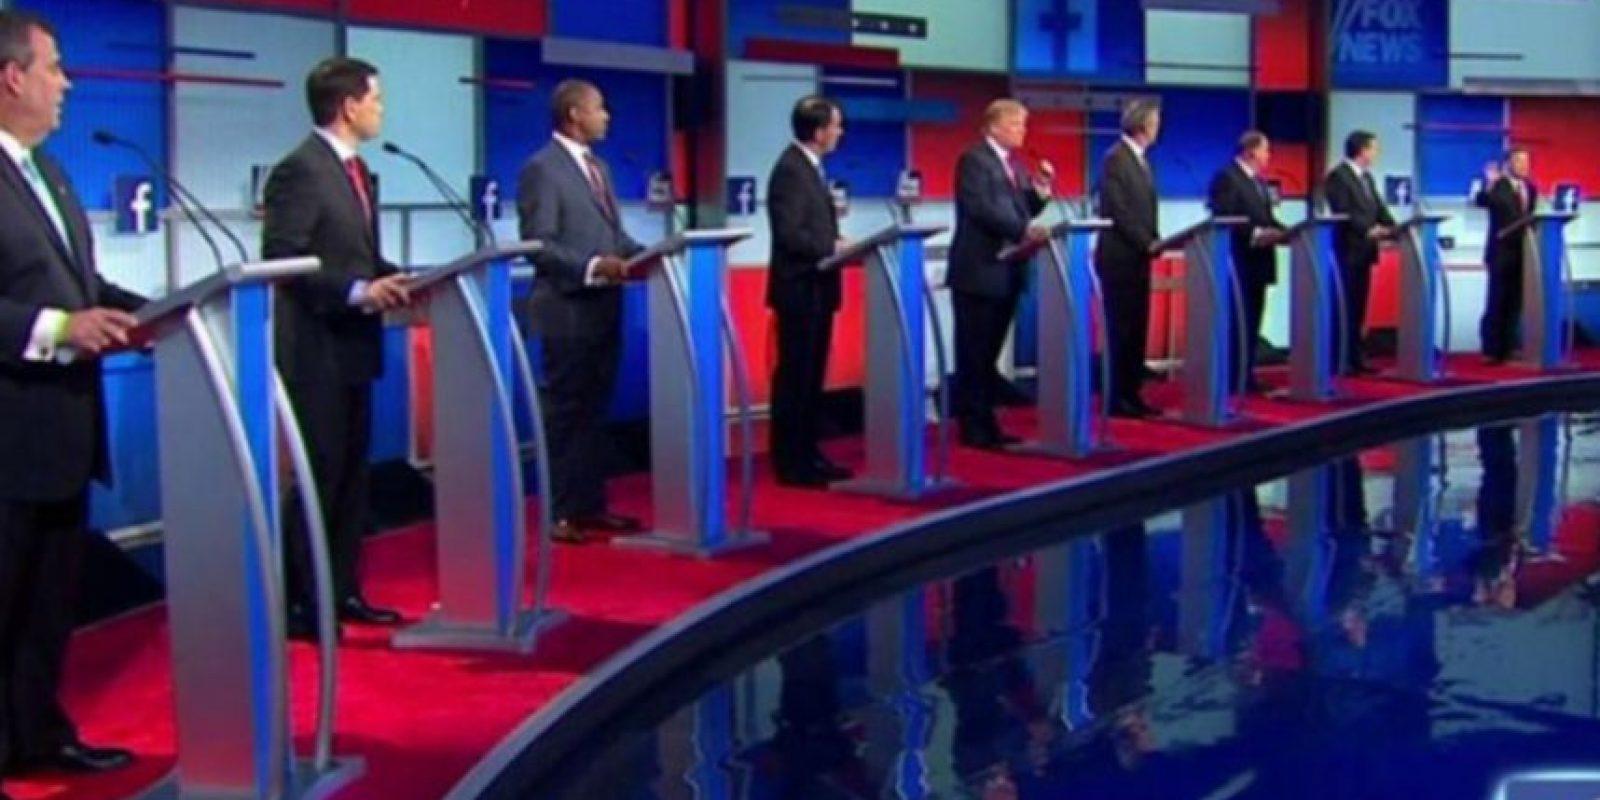 Un año antes de que los votantes estadounidenses acudan a las urnas, la contienda para la elección presidencial fue un tema importante de conversación en 2015. El inicio de las campañas y los debates de los precandidatos fueron noticia durante todo el año. Foto:vía Facebook.com